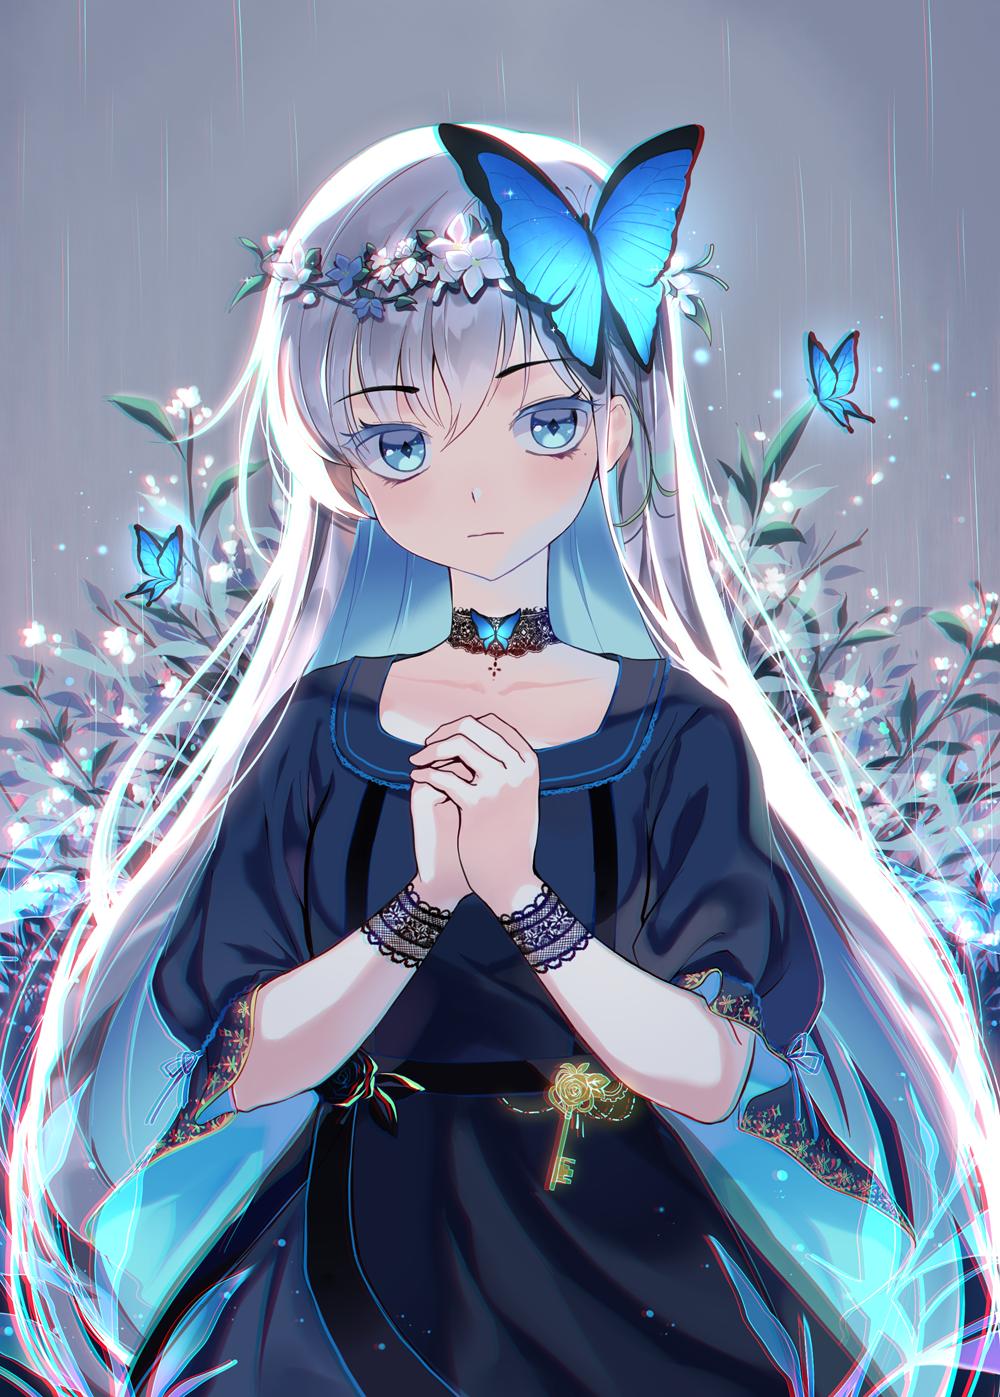 Pin by Harli melisa on pfp Anime angel girl, Anime